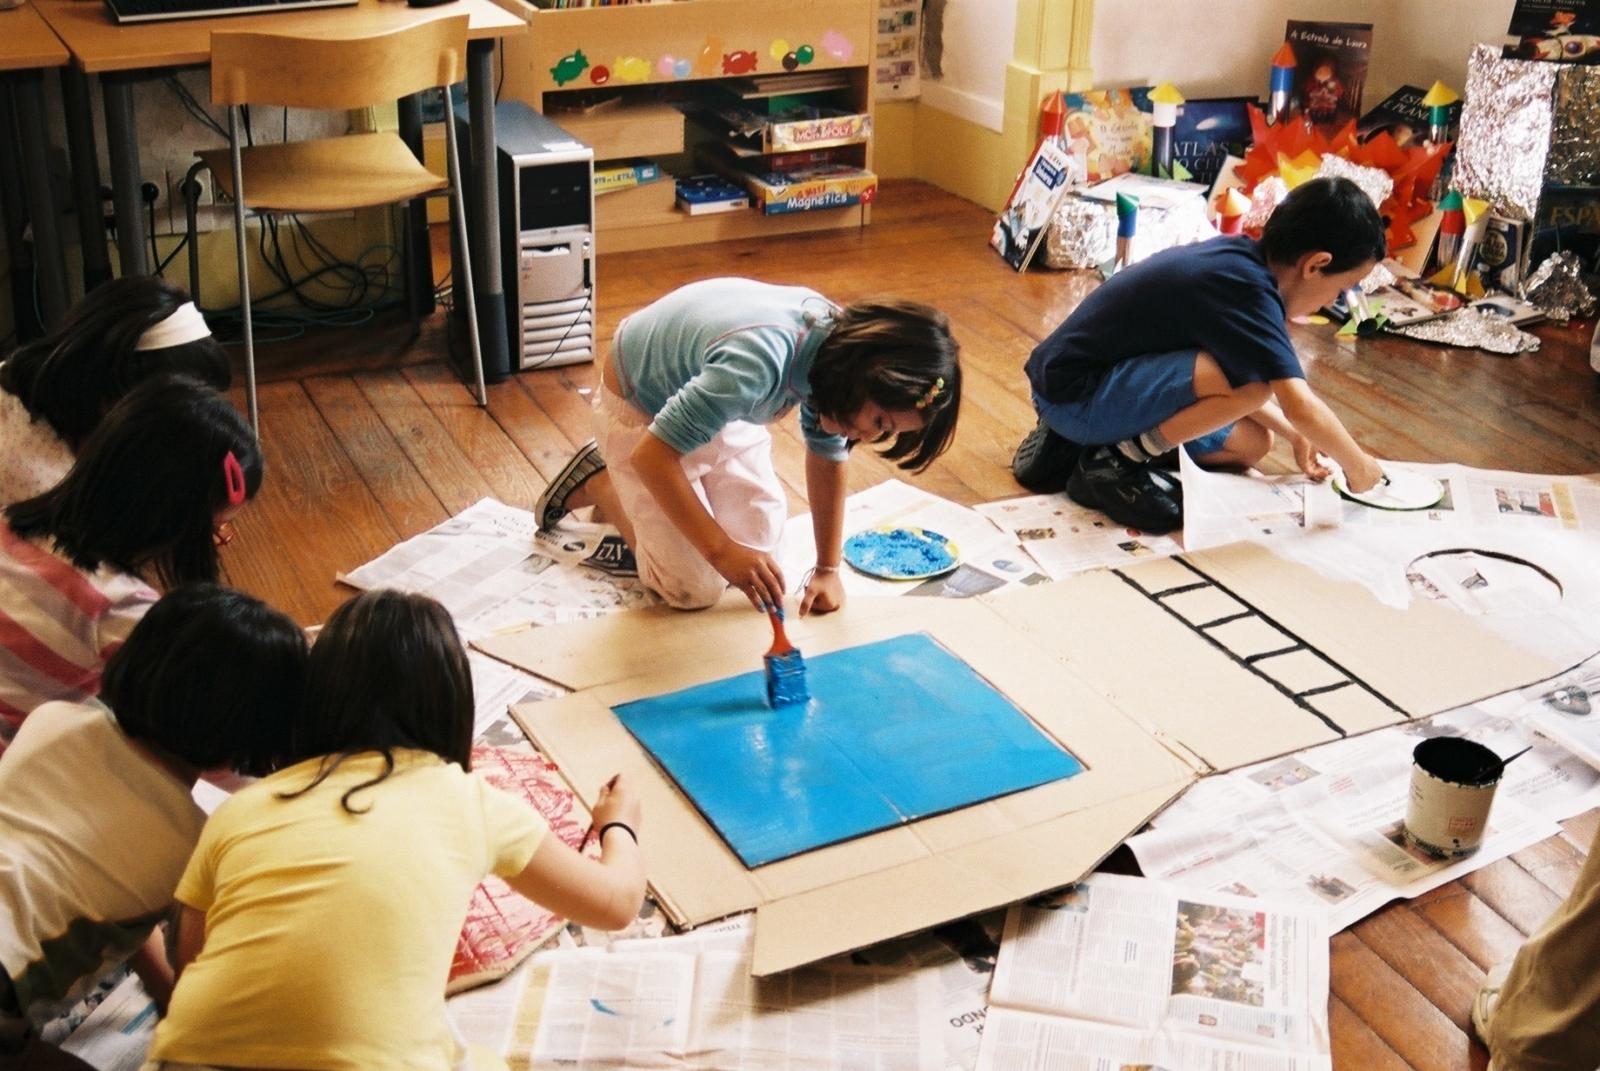 Grupo escolar adesenhar e pintar um foguetão no chão